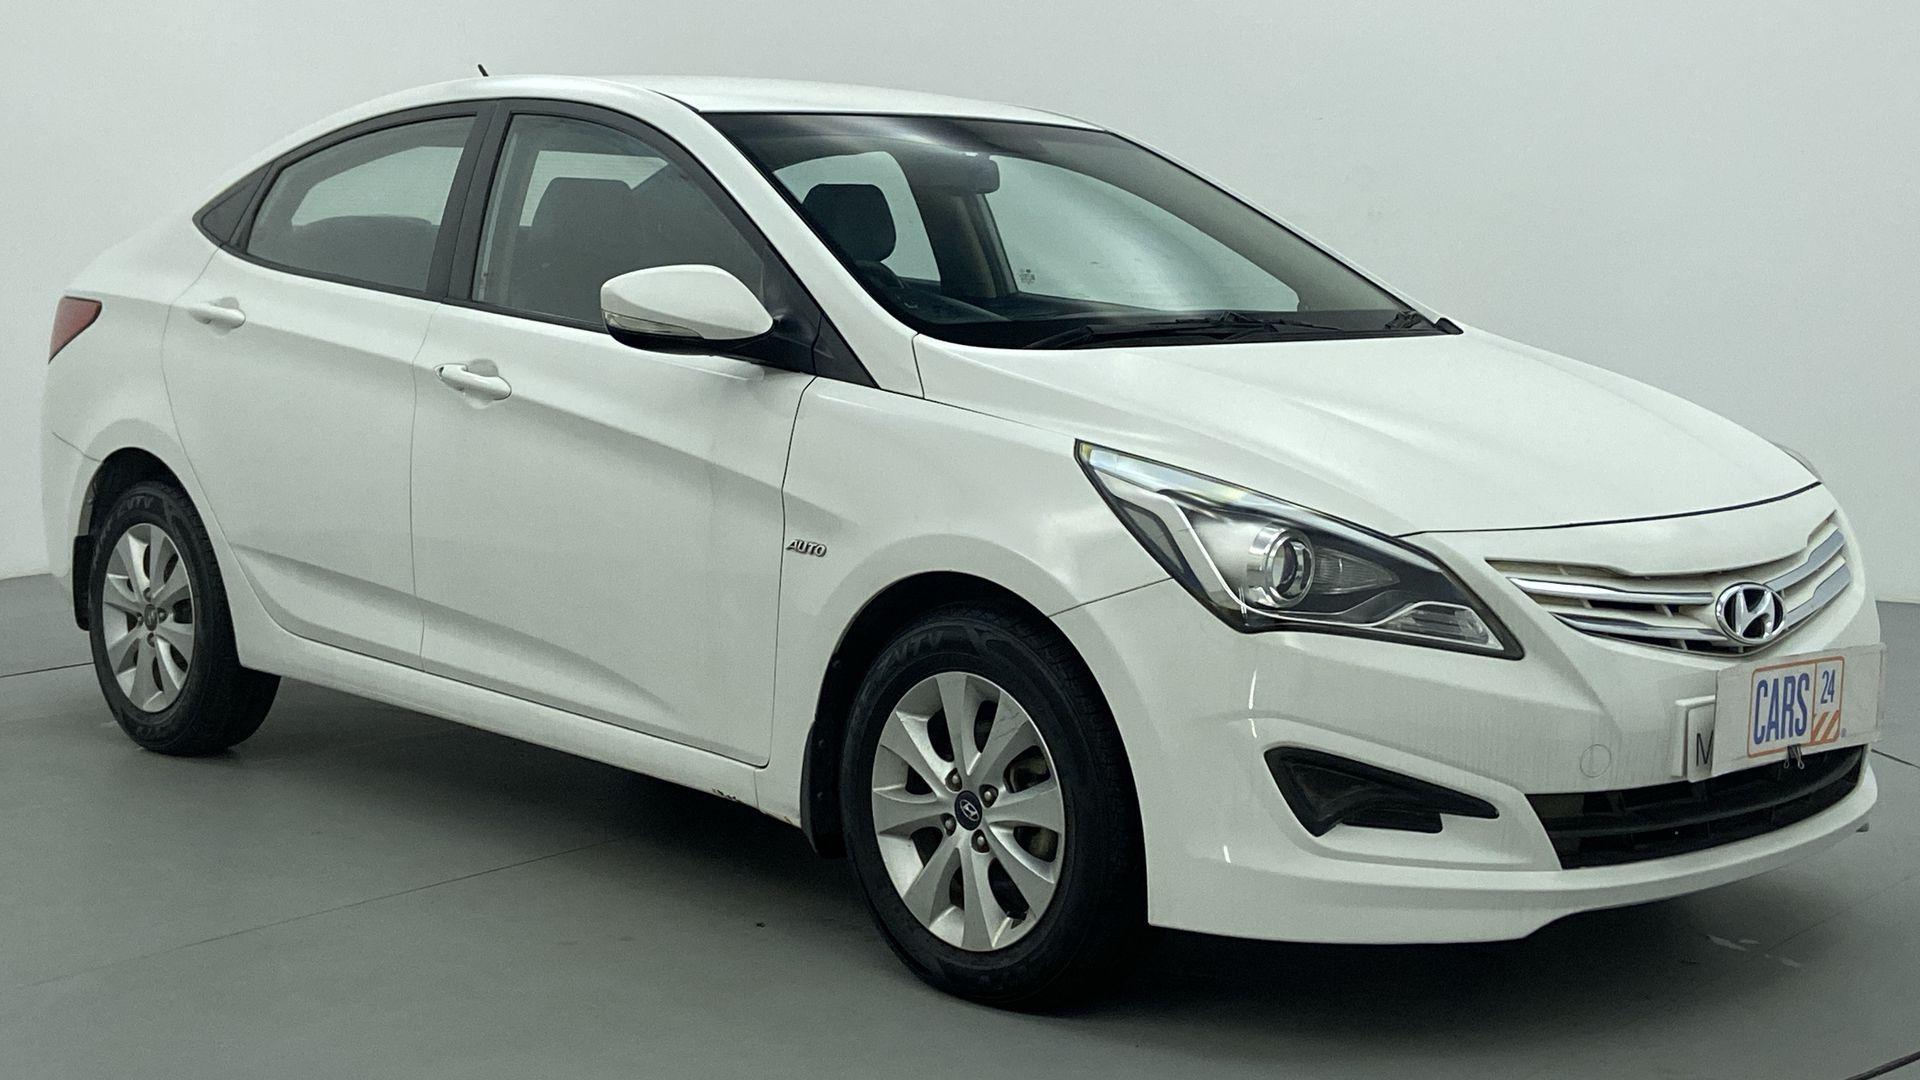 2016 Hyundai Verna FLUIDIC 1.6 CRDI  S AT